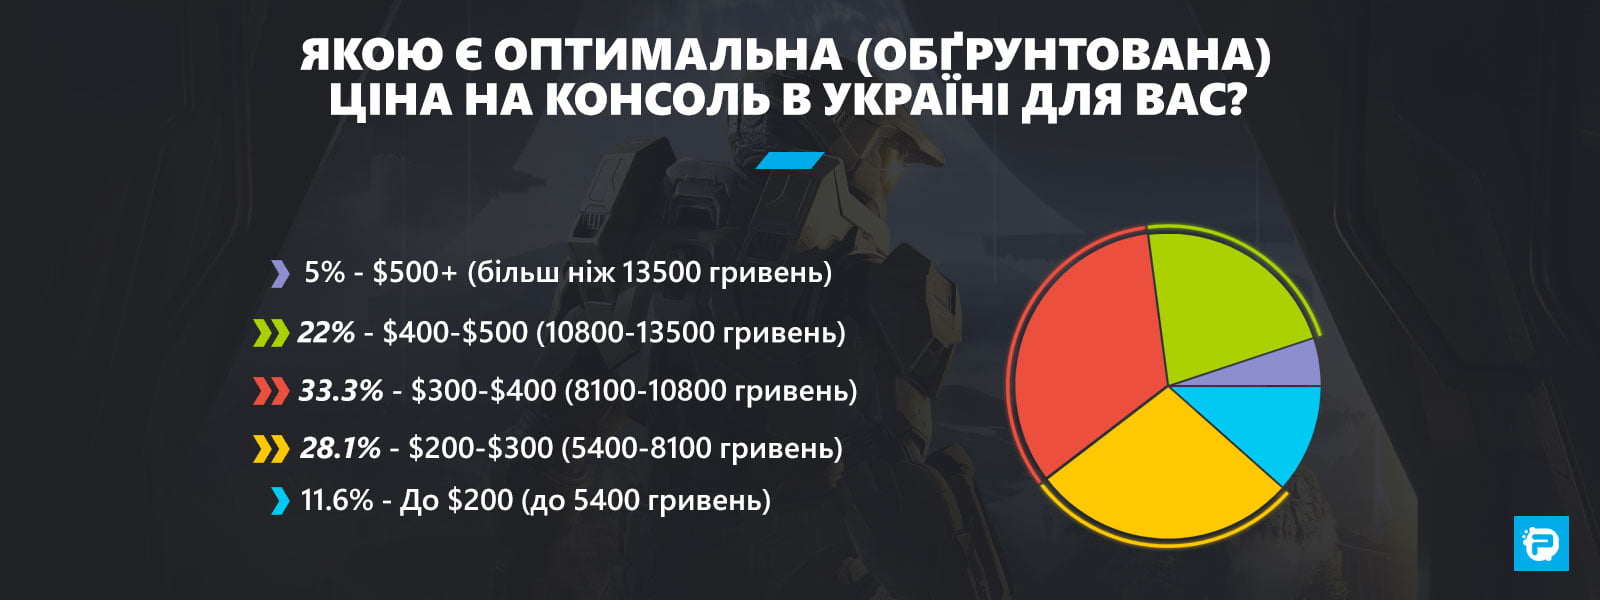 Якою є оптимальна (обґрунтована) ціна на консоль в Україні для Вас?